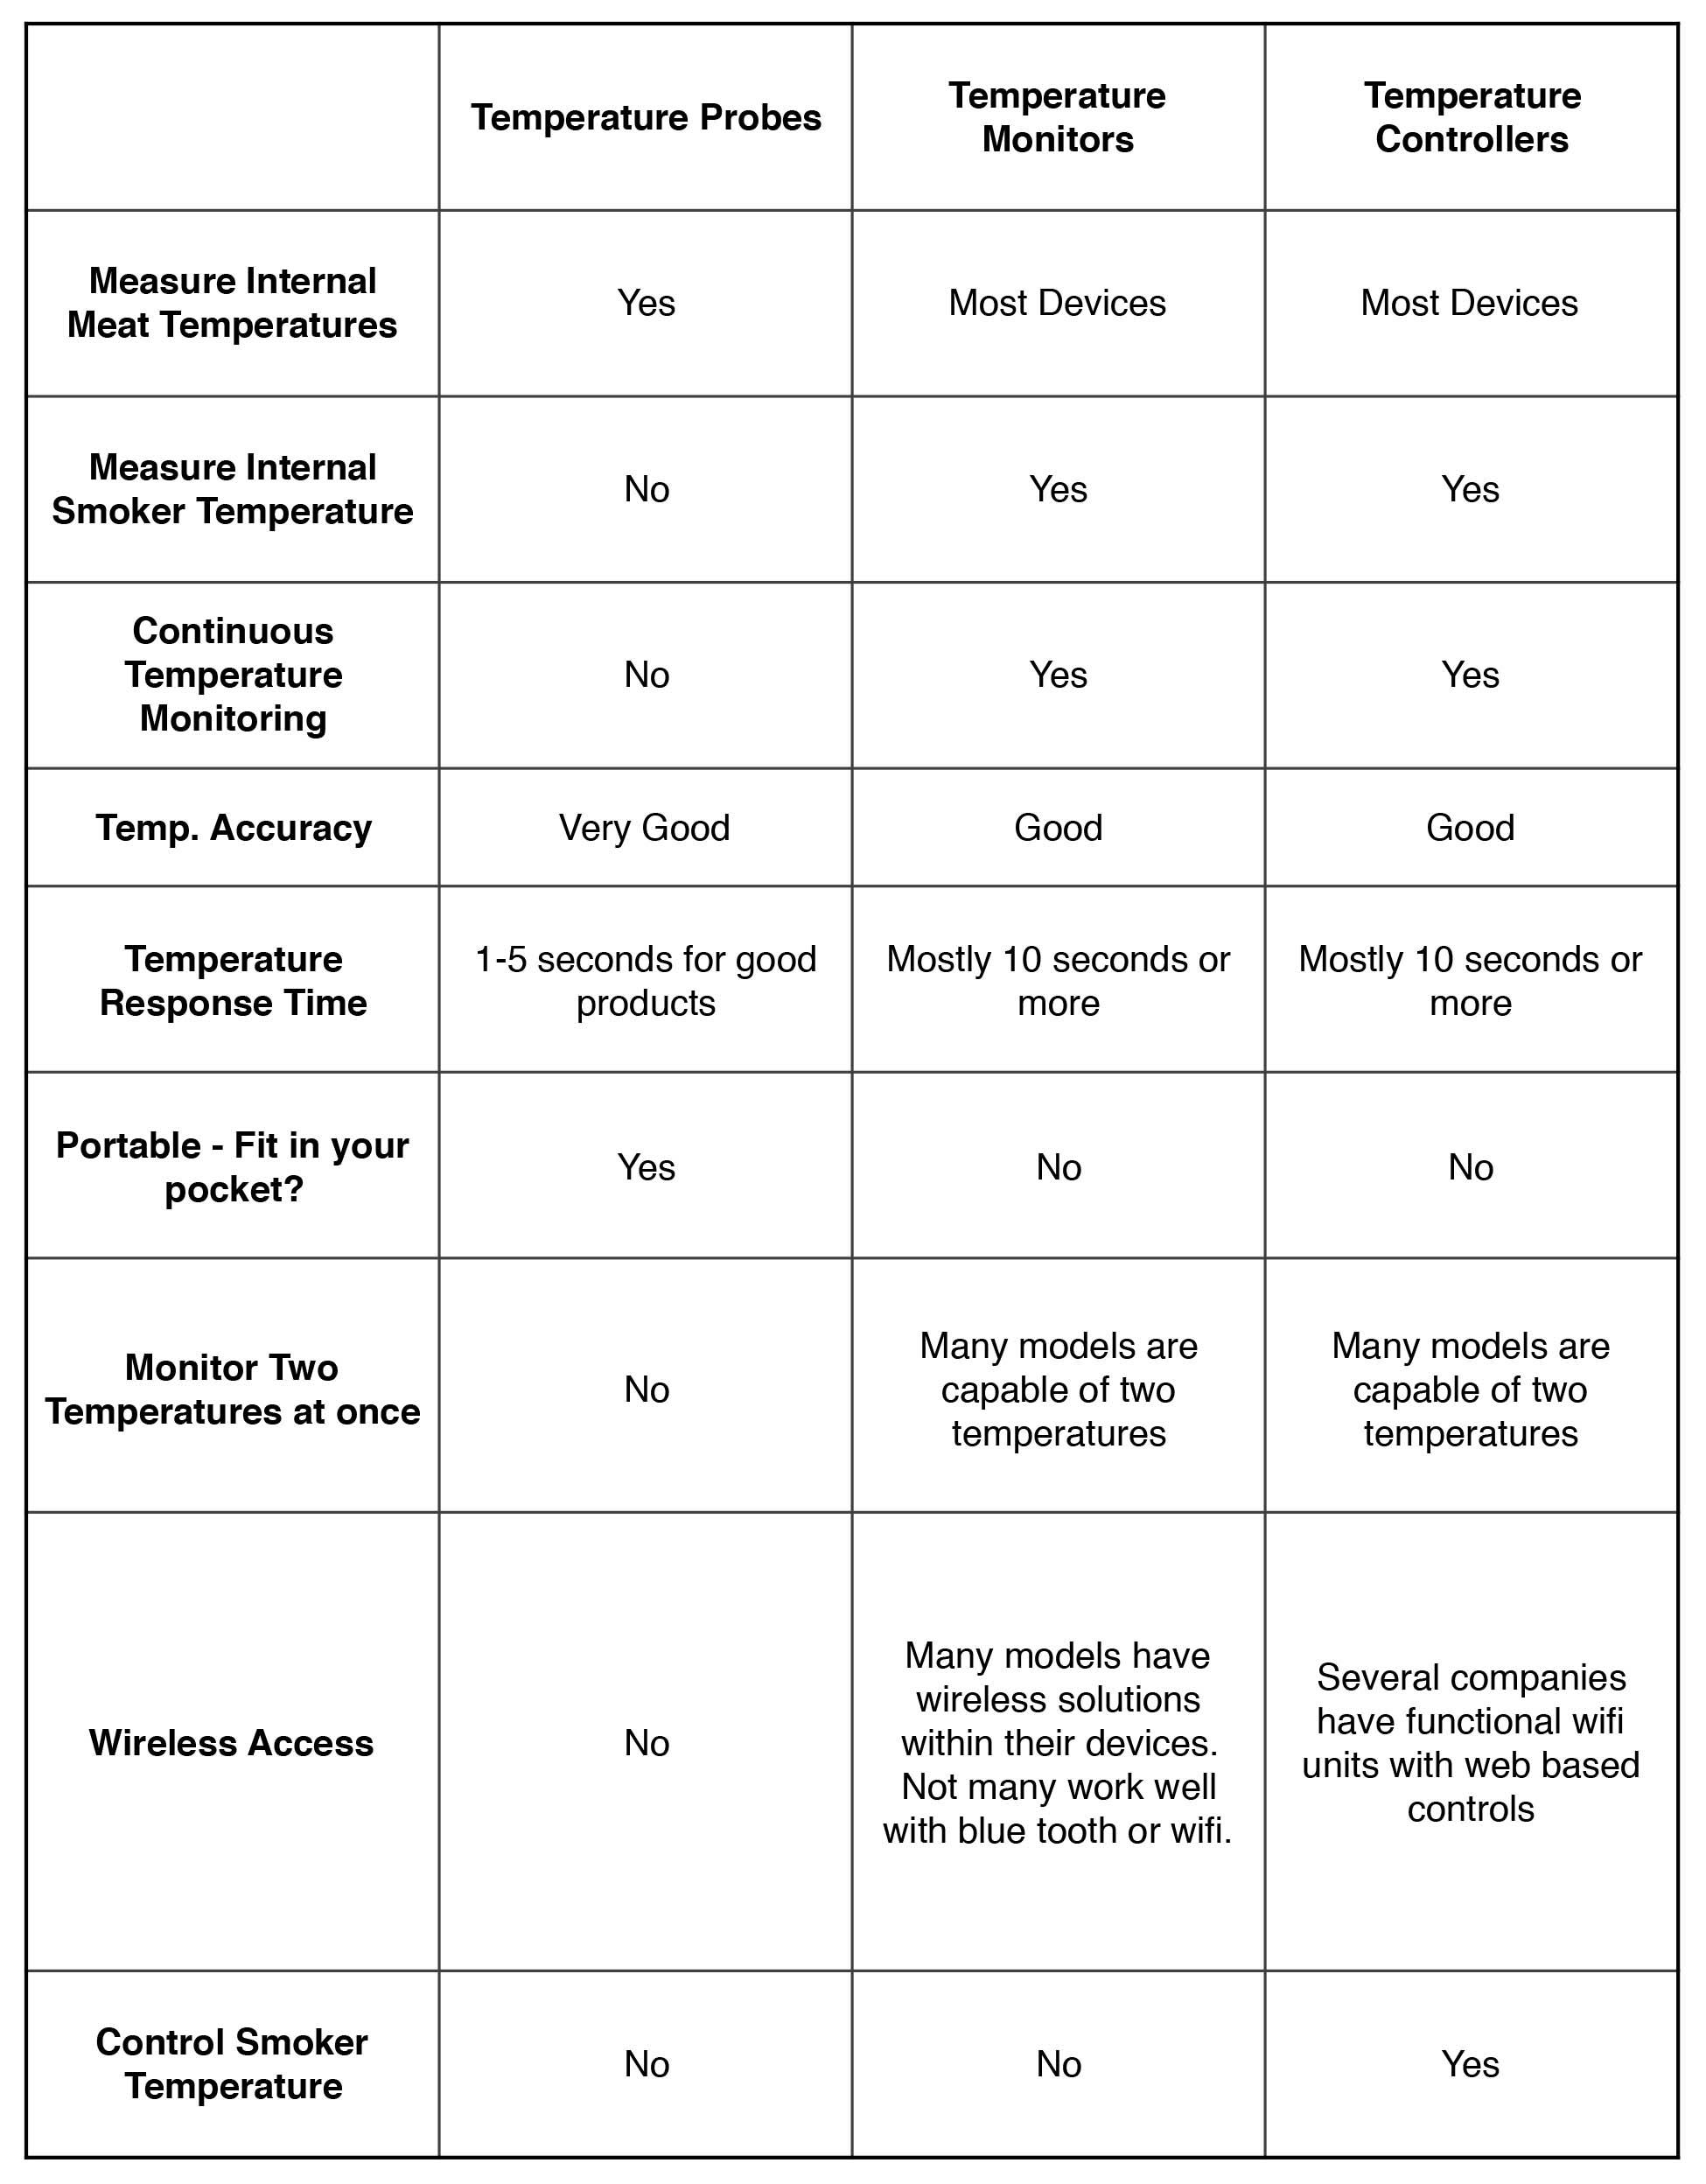 A comparison of Smoker Temperature Probes, Temperature Monitors, and Temperature Controllers